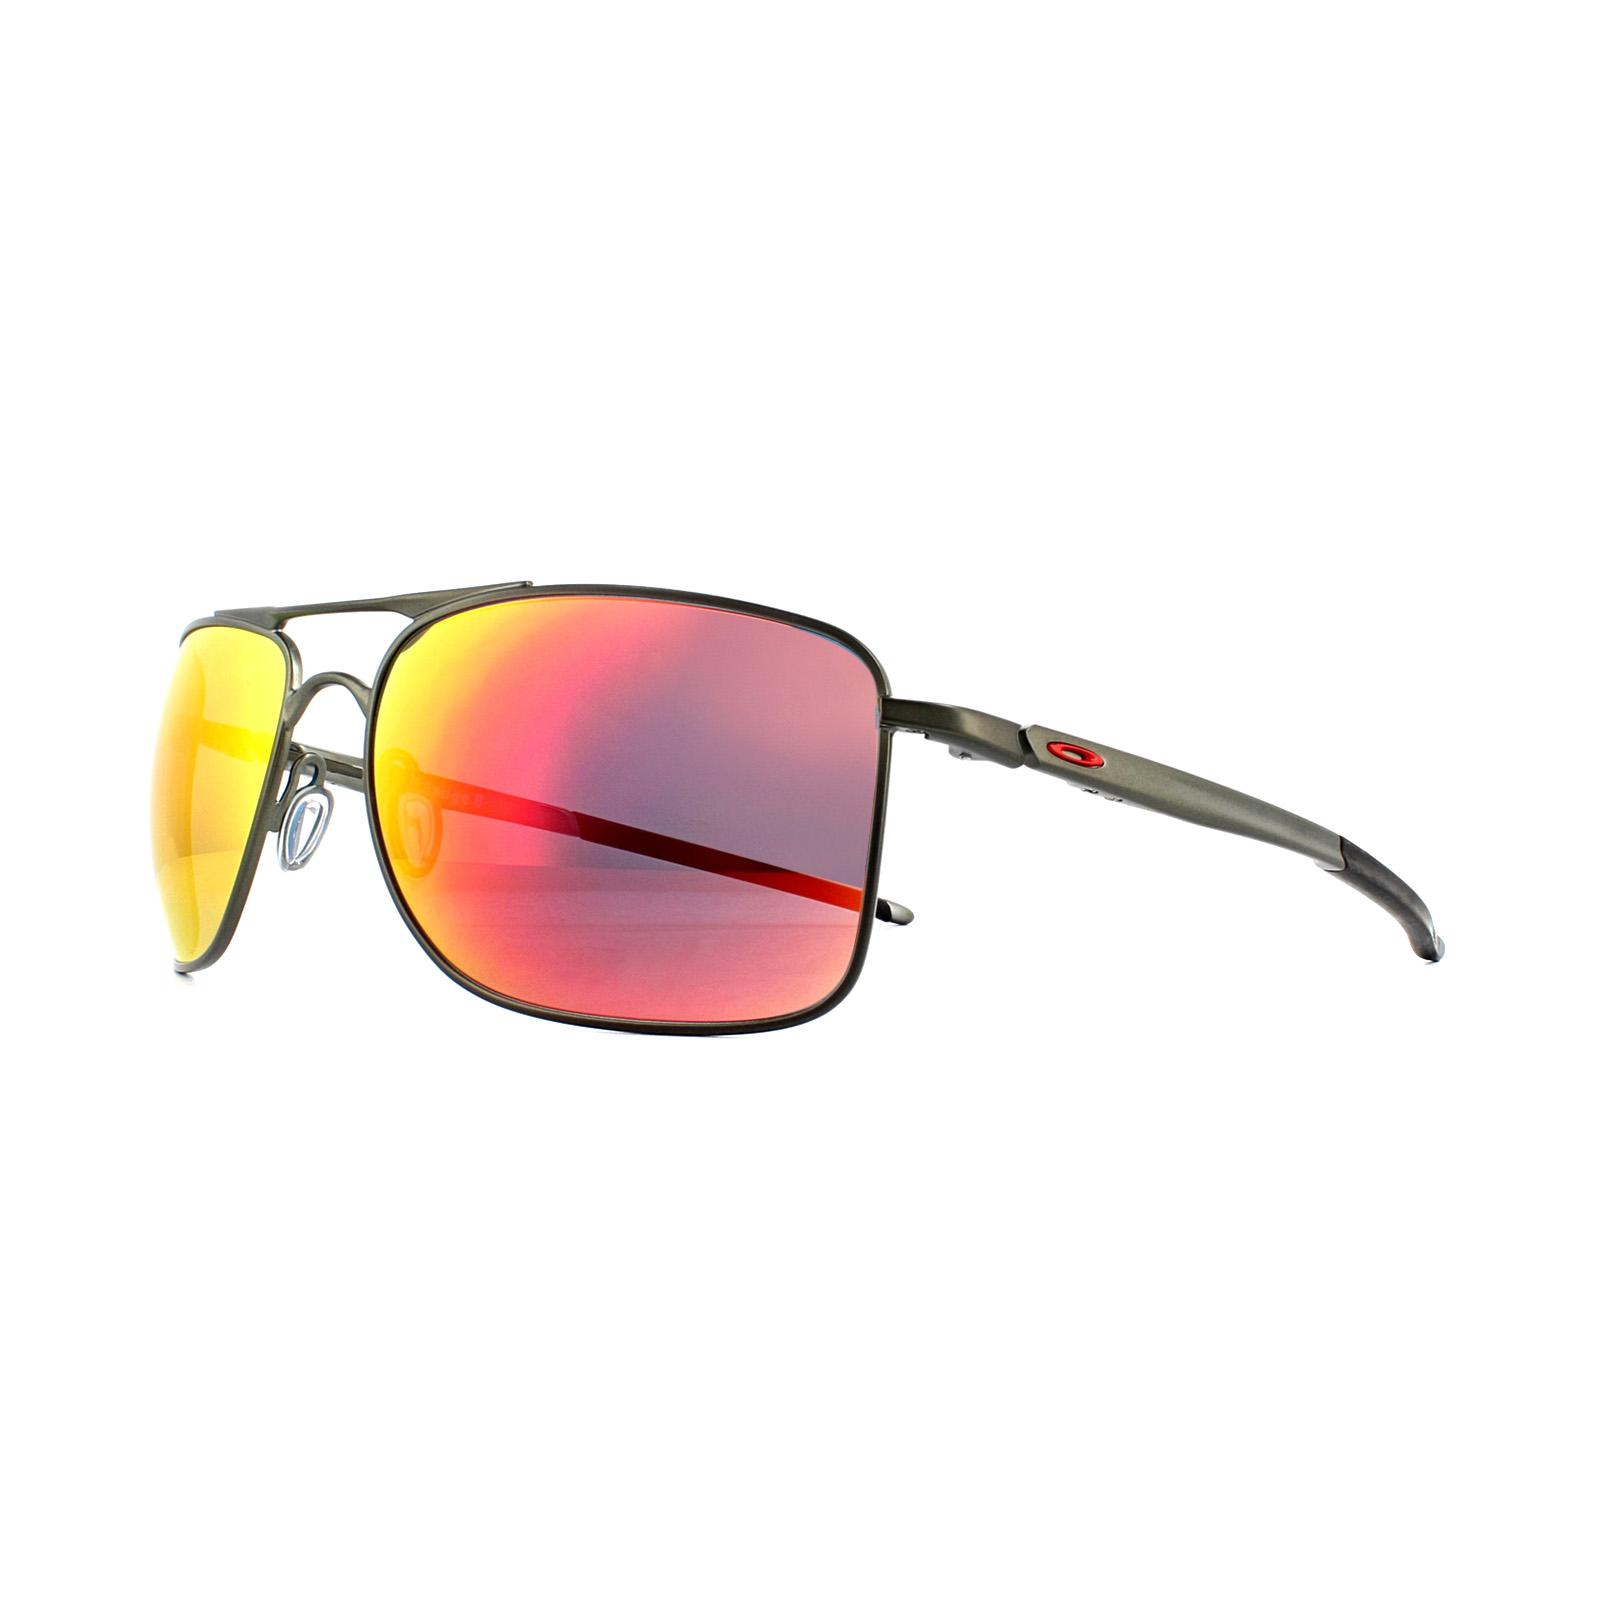 c38abce7b0b2b Sentinel Oakley Sunglasses Gauge 8 L OO4124-03-62 Matt Carbon Ruby Iridium